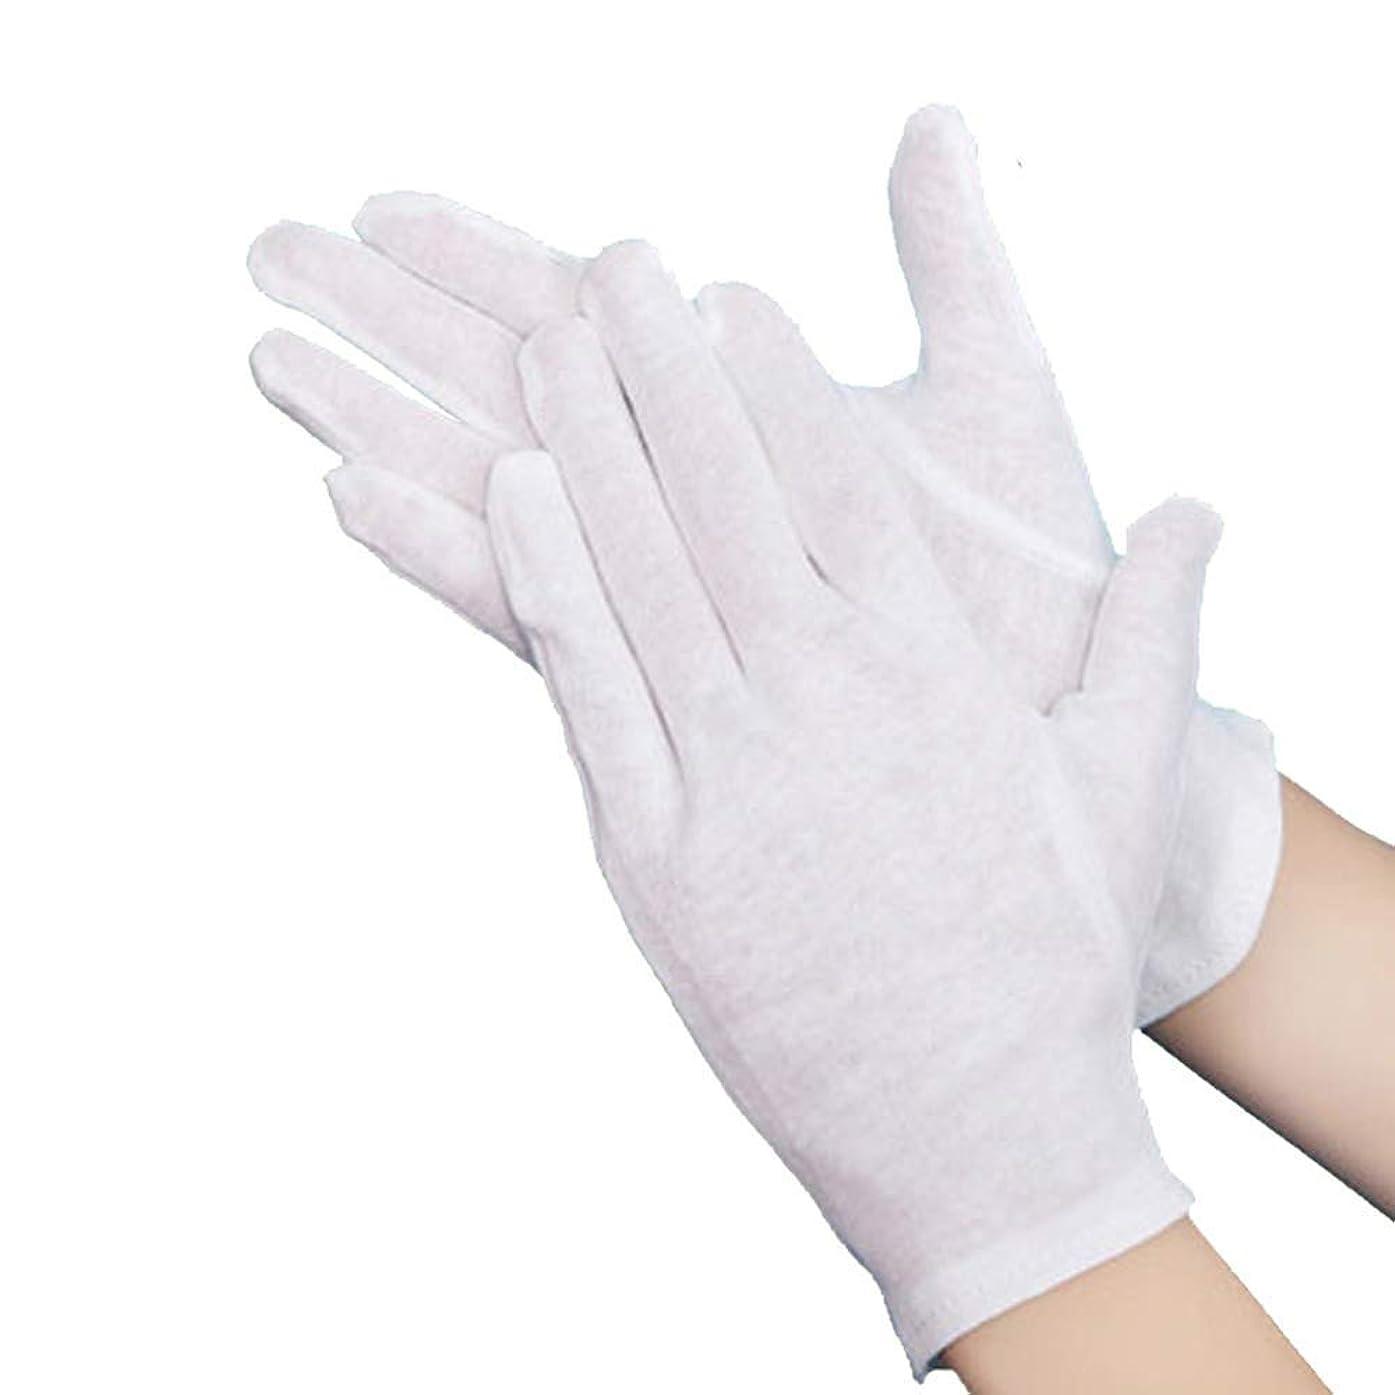 二次記者神秘綿手袋 純綿100%通気性耐久性が強い上に軽く高品質吸汗性が优秀ふんわりとした肌触り10双組